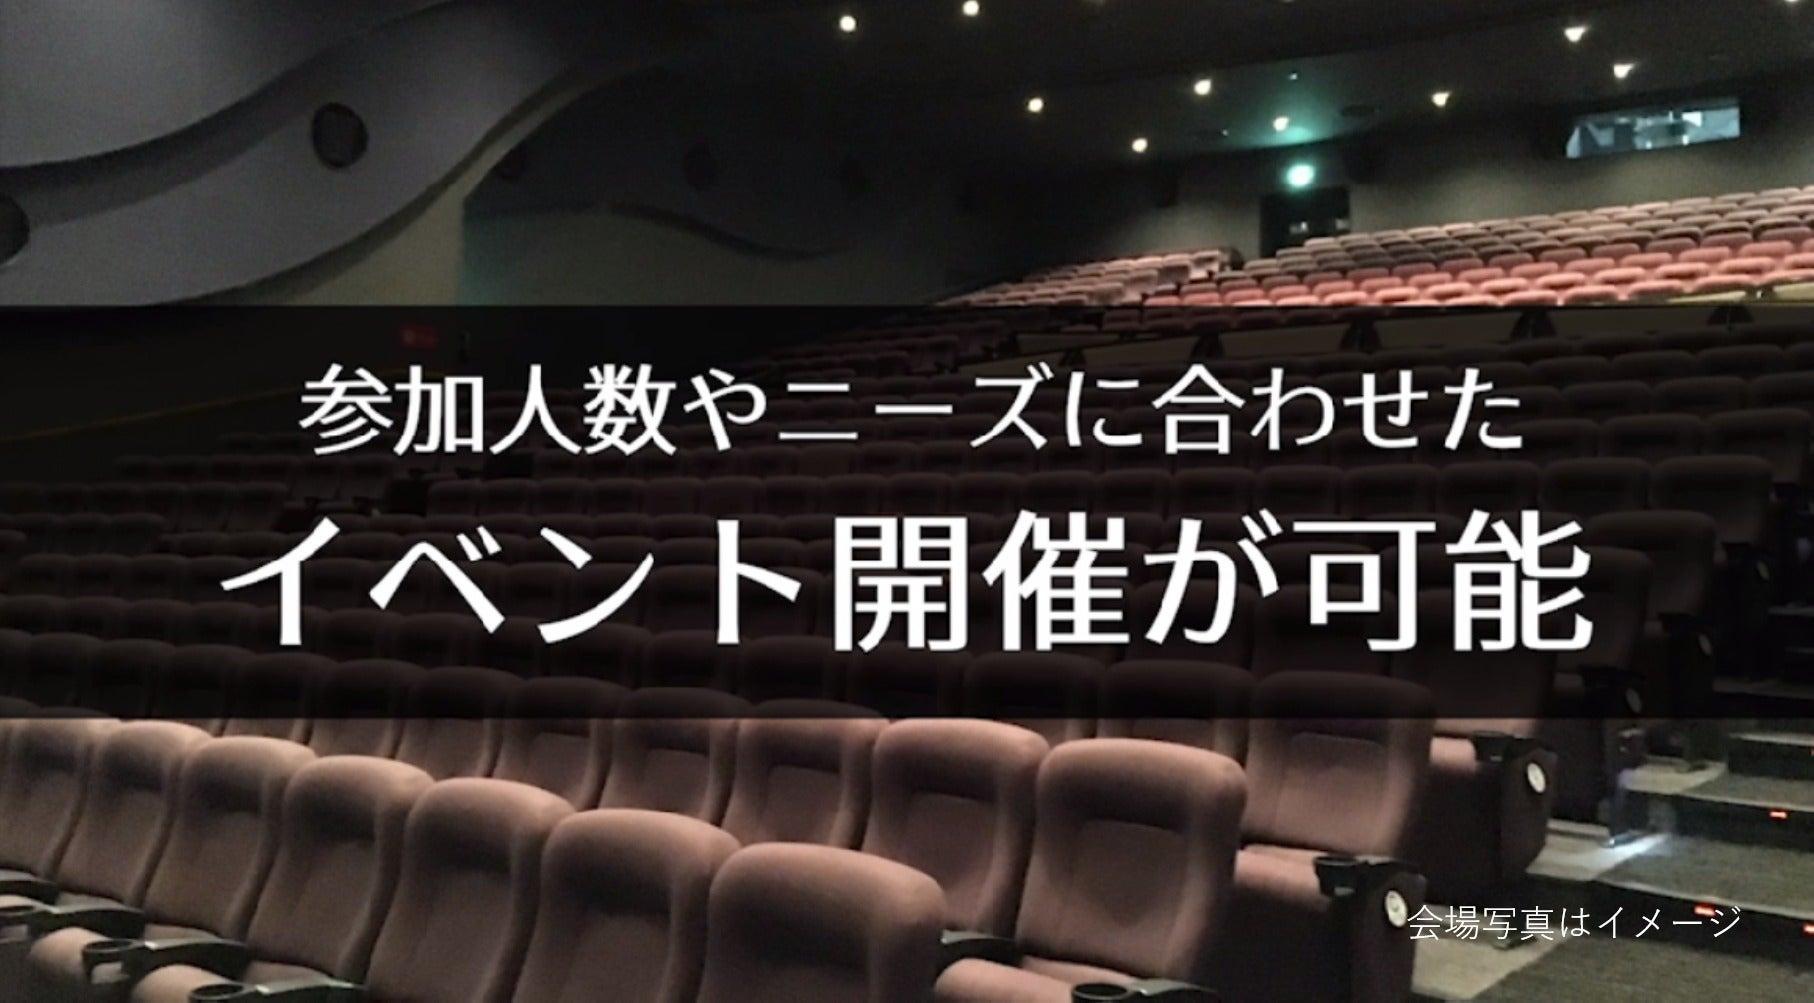 【前橋 365席】映画館で、会社説明会、株主総会、講演会の企画はいかがですか?